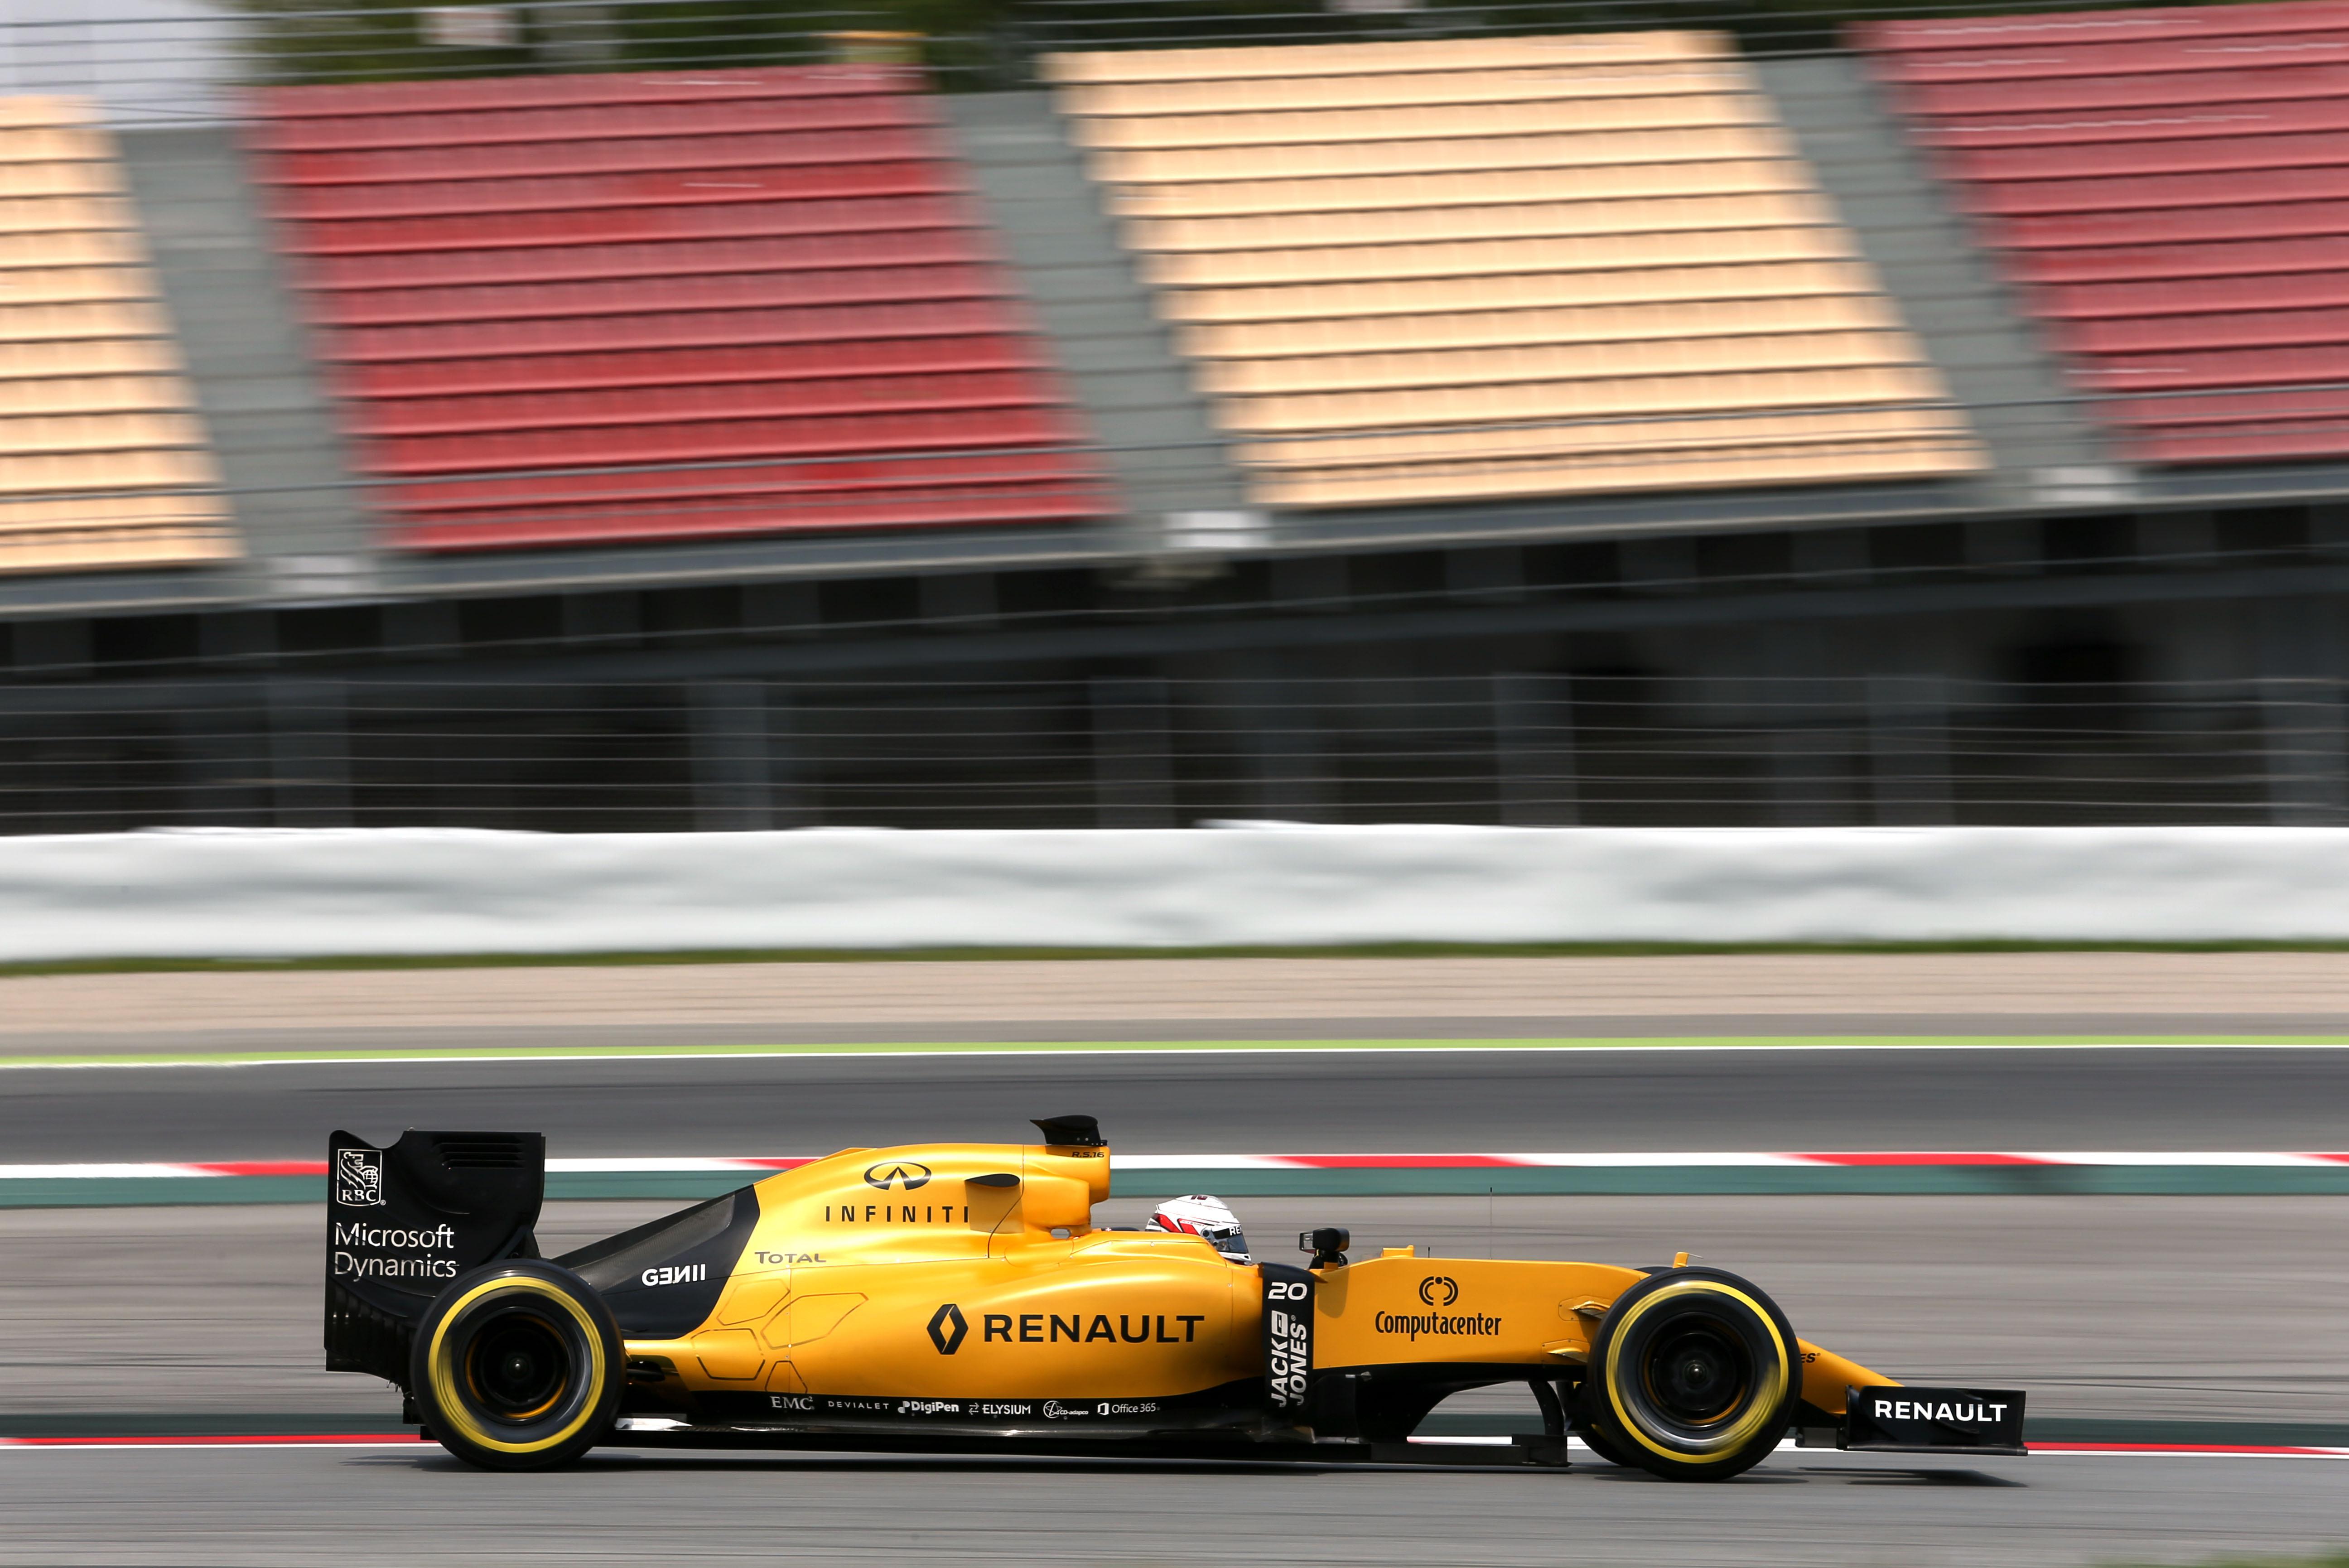 Kevin Magnussen Renault F1 2016